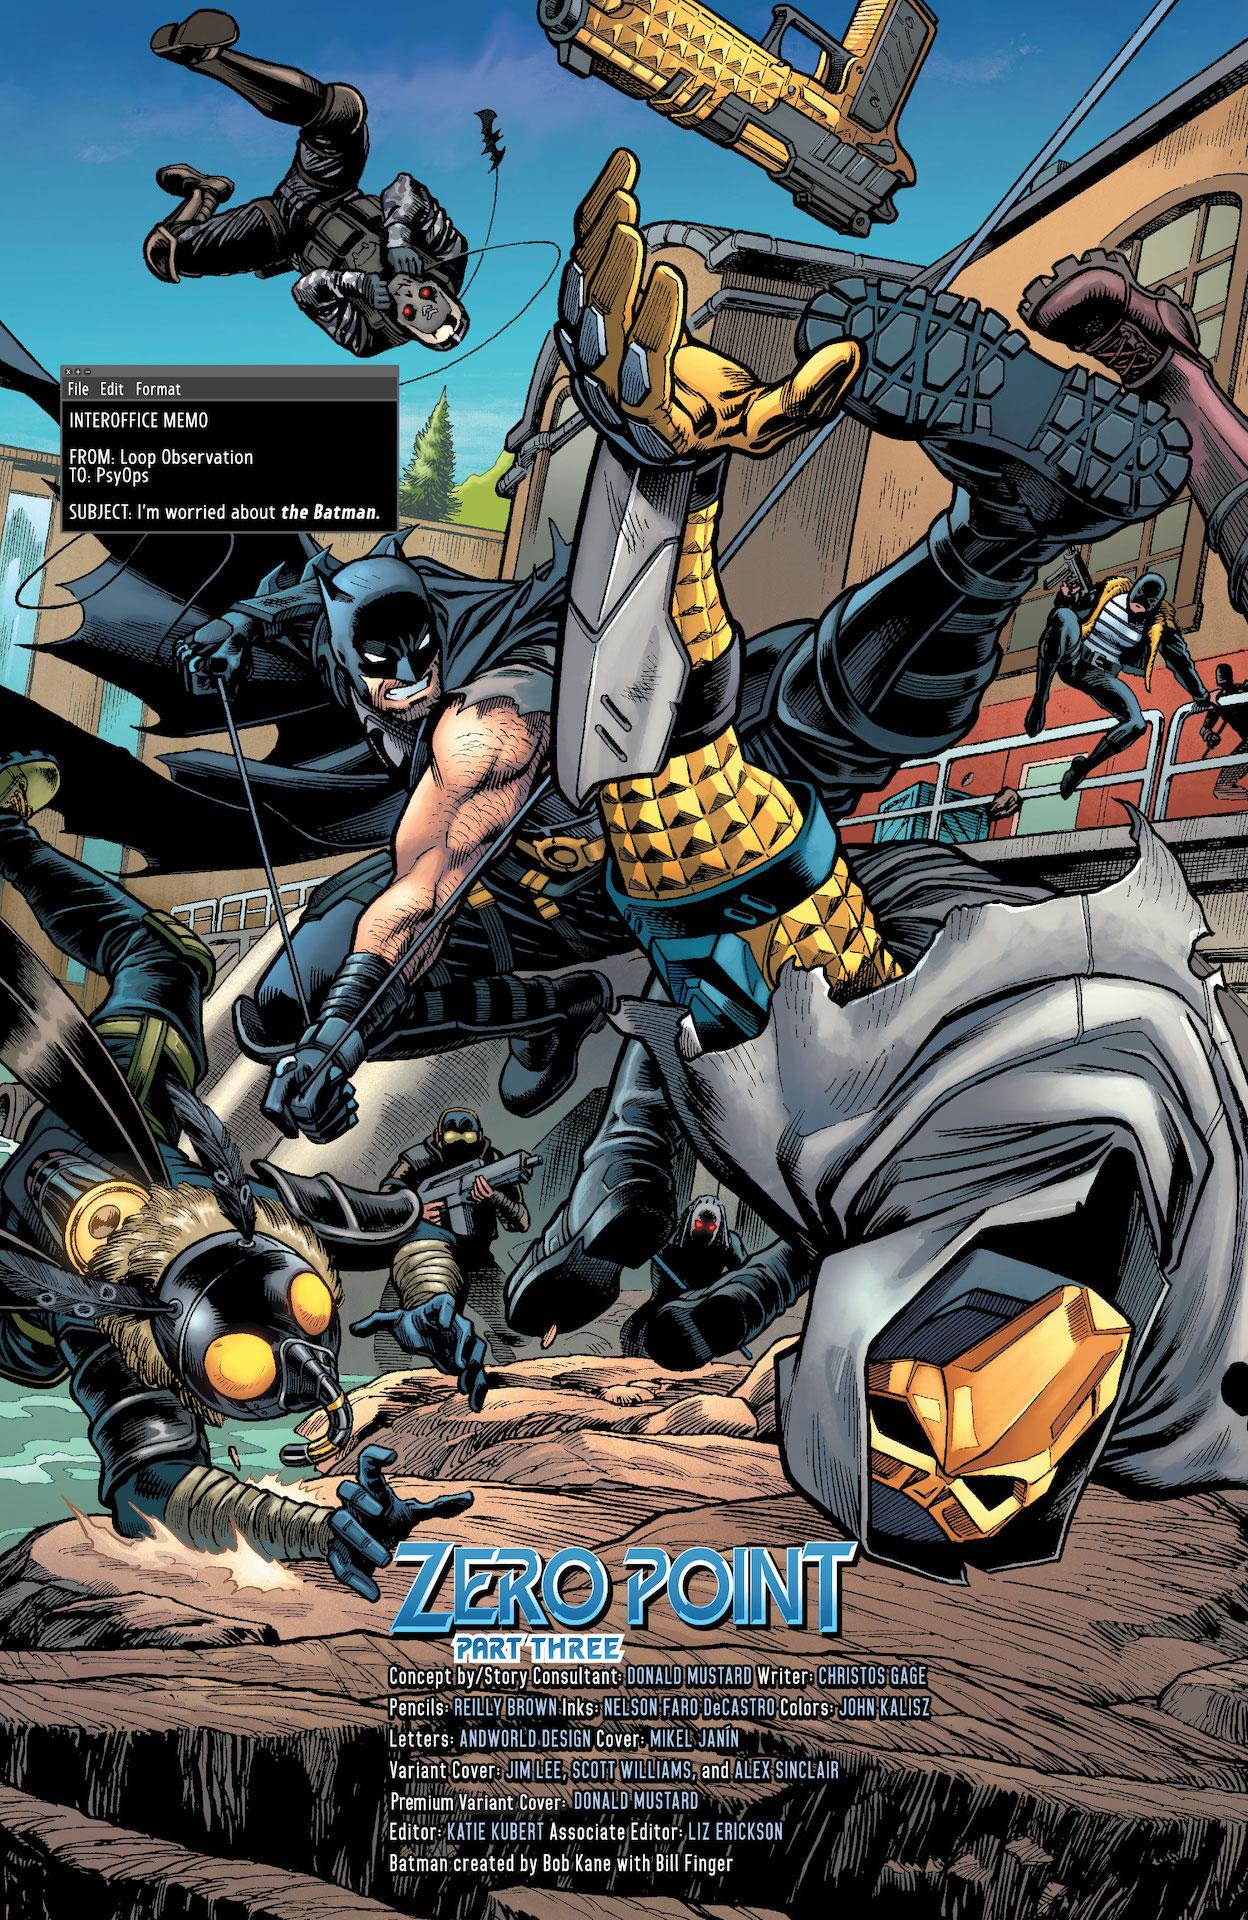 Batman-Fortnite-Zero-Point-3-4